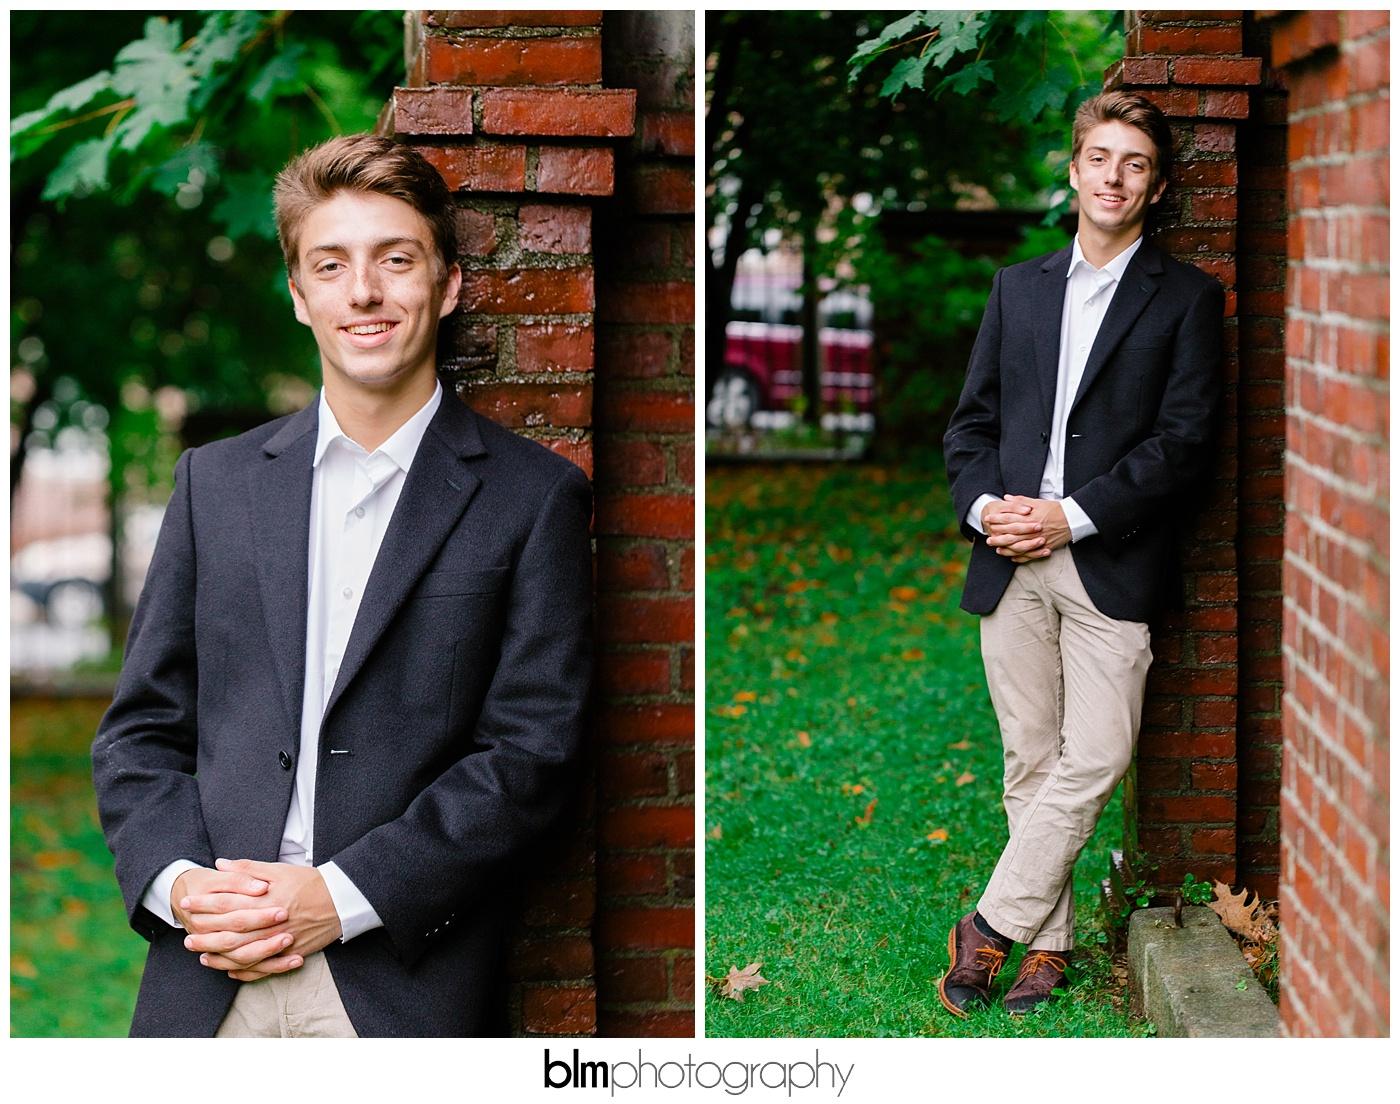 Michael_Zrzavy_Senior-Portraits_091916-6666.jpg